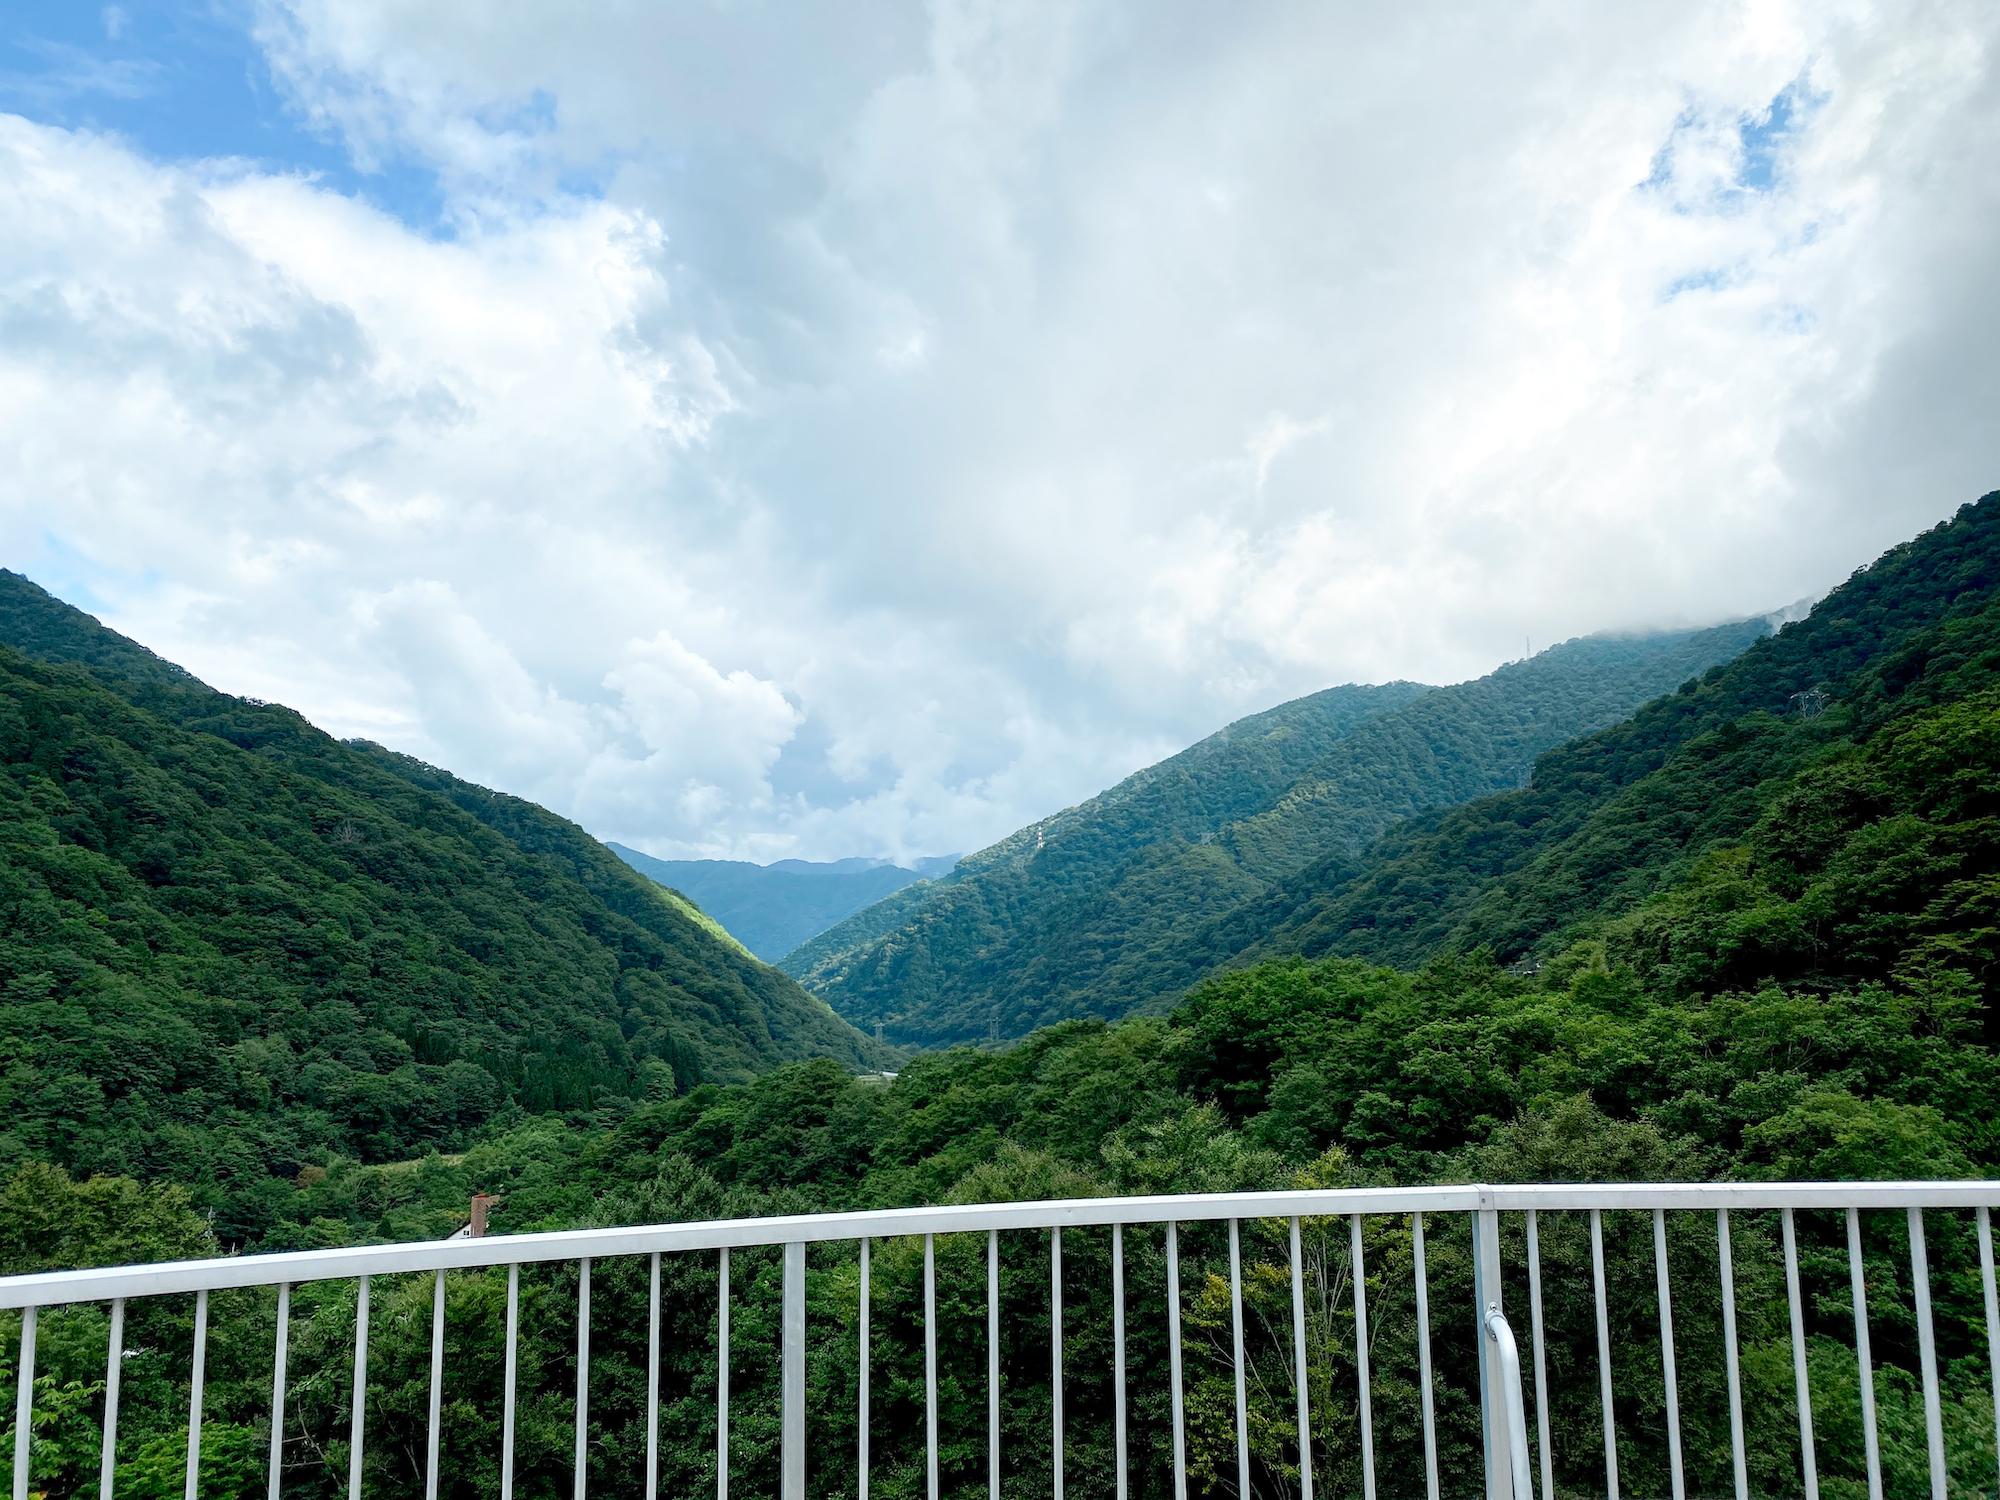 谷川岳ロープウェイ乗り場のレストラン・テラスからの眺望(2020年9月6日/撮影:SHUN)